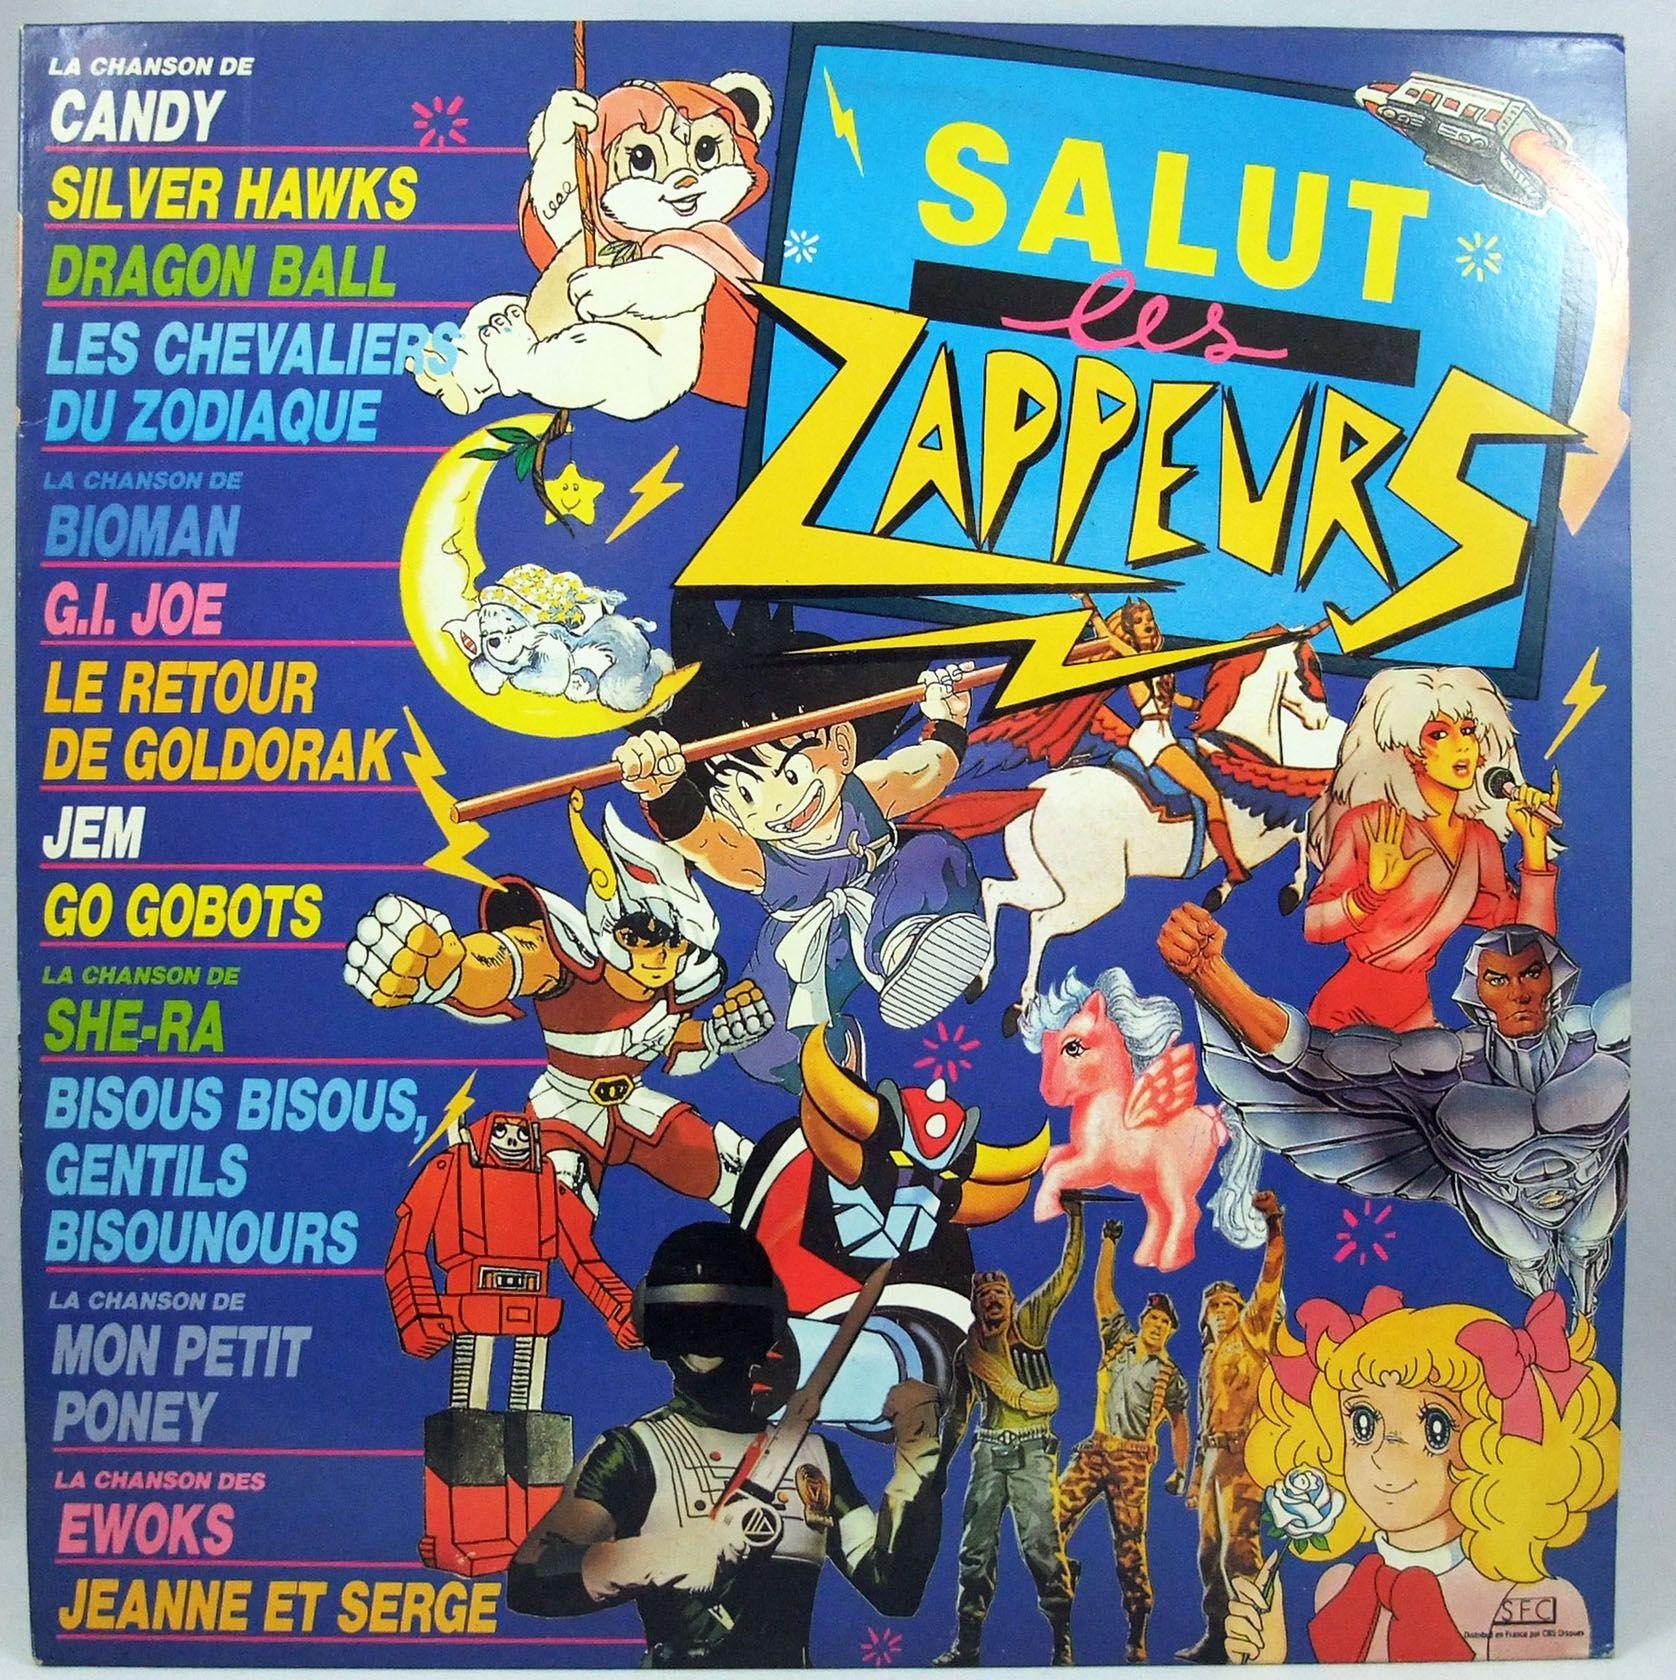 Salut Les Zappeurs - Disque 33T - SFC 1988